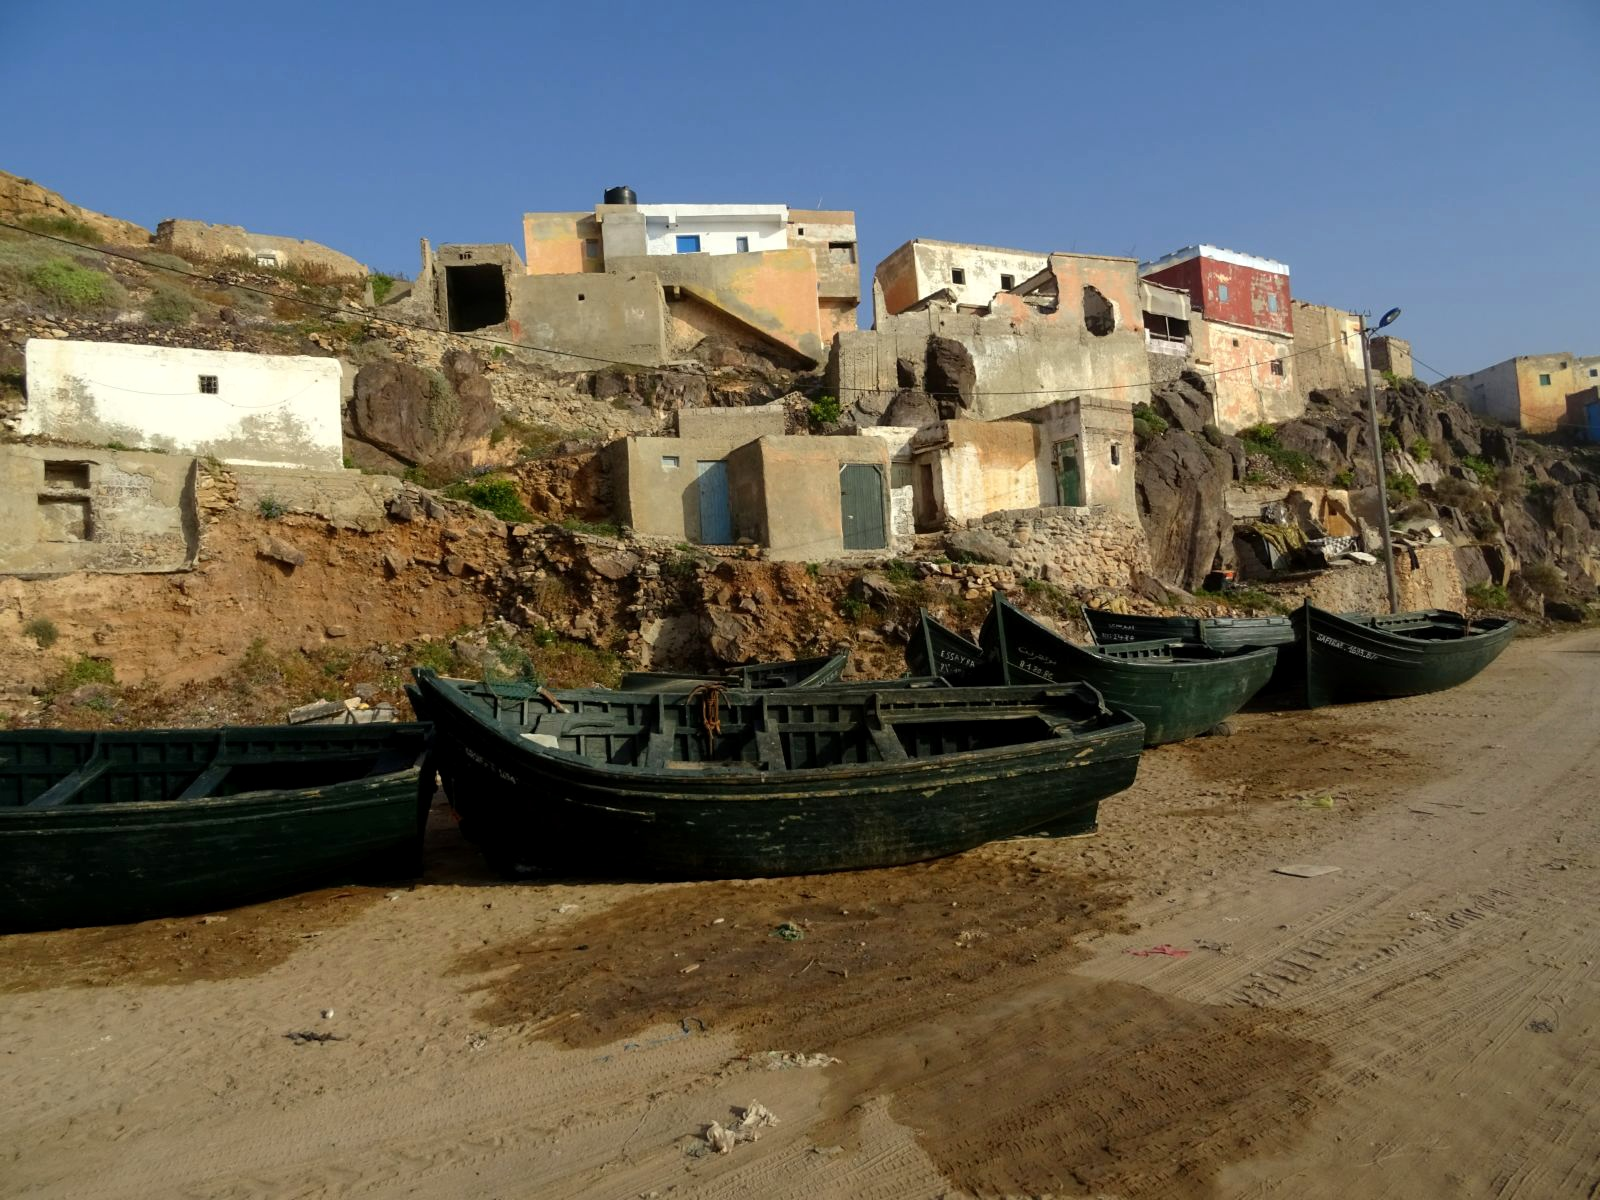 Le port et baraques de pecheurs